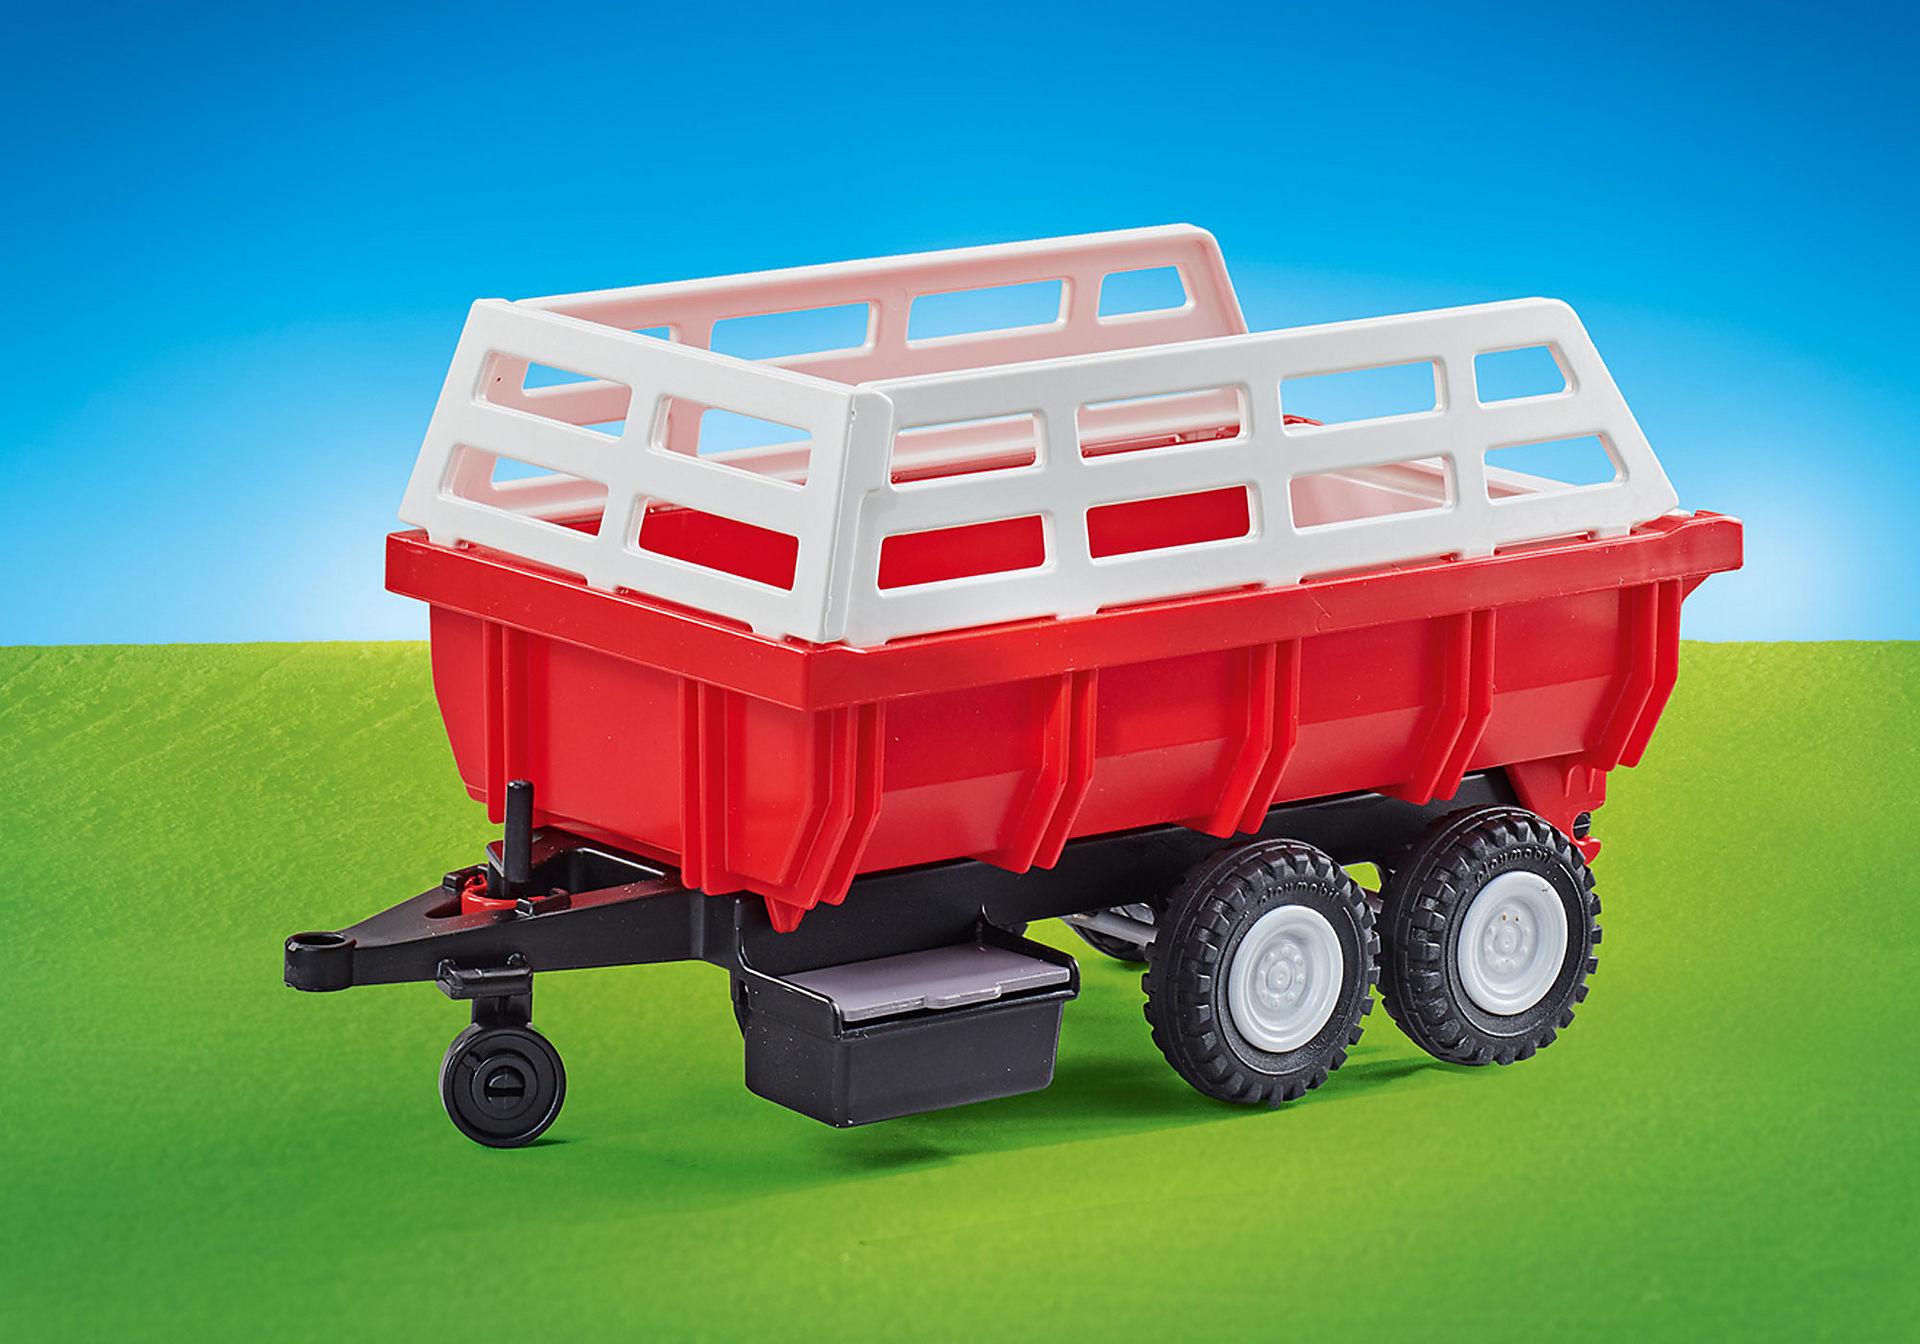 6577 Aanhangwagen voor tractor zoom image1